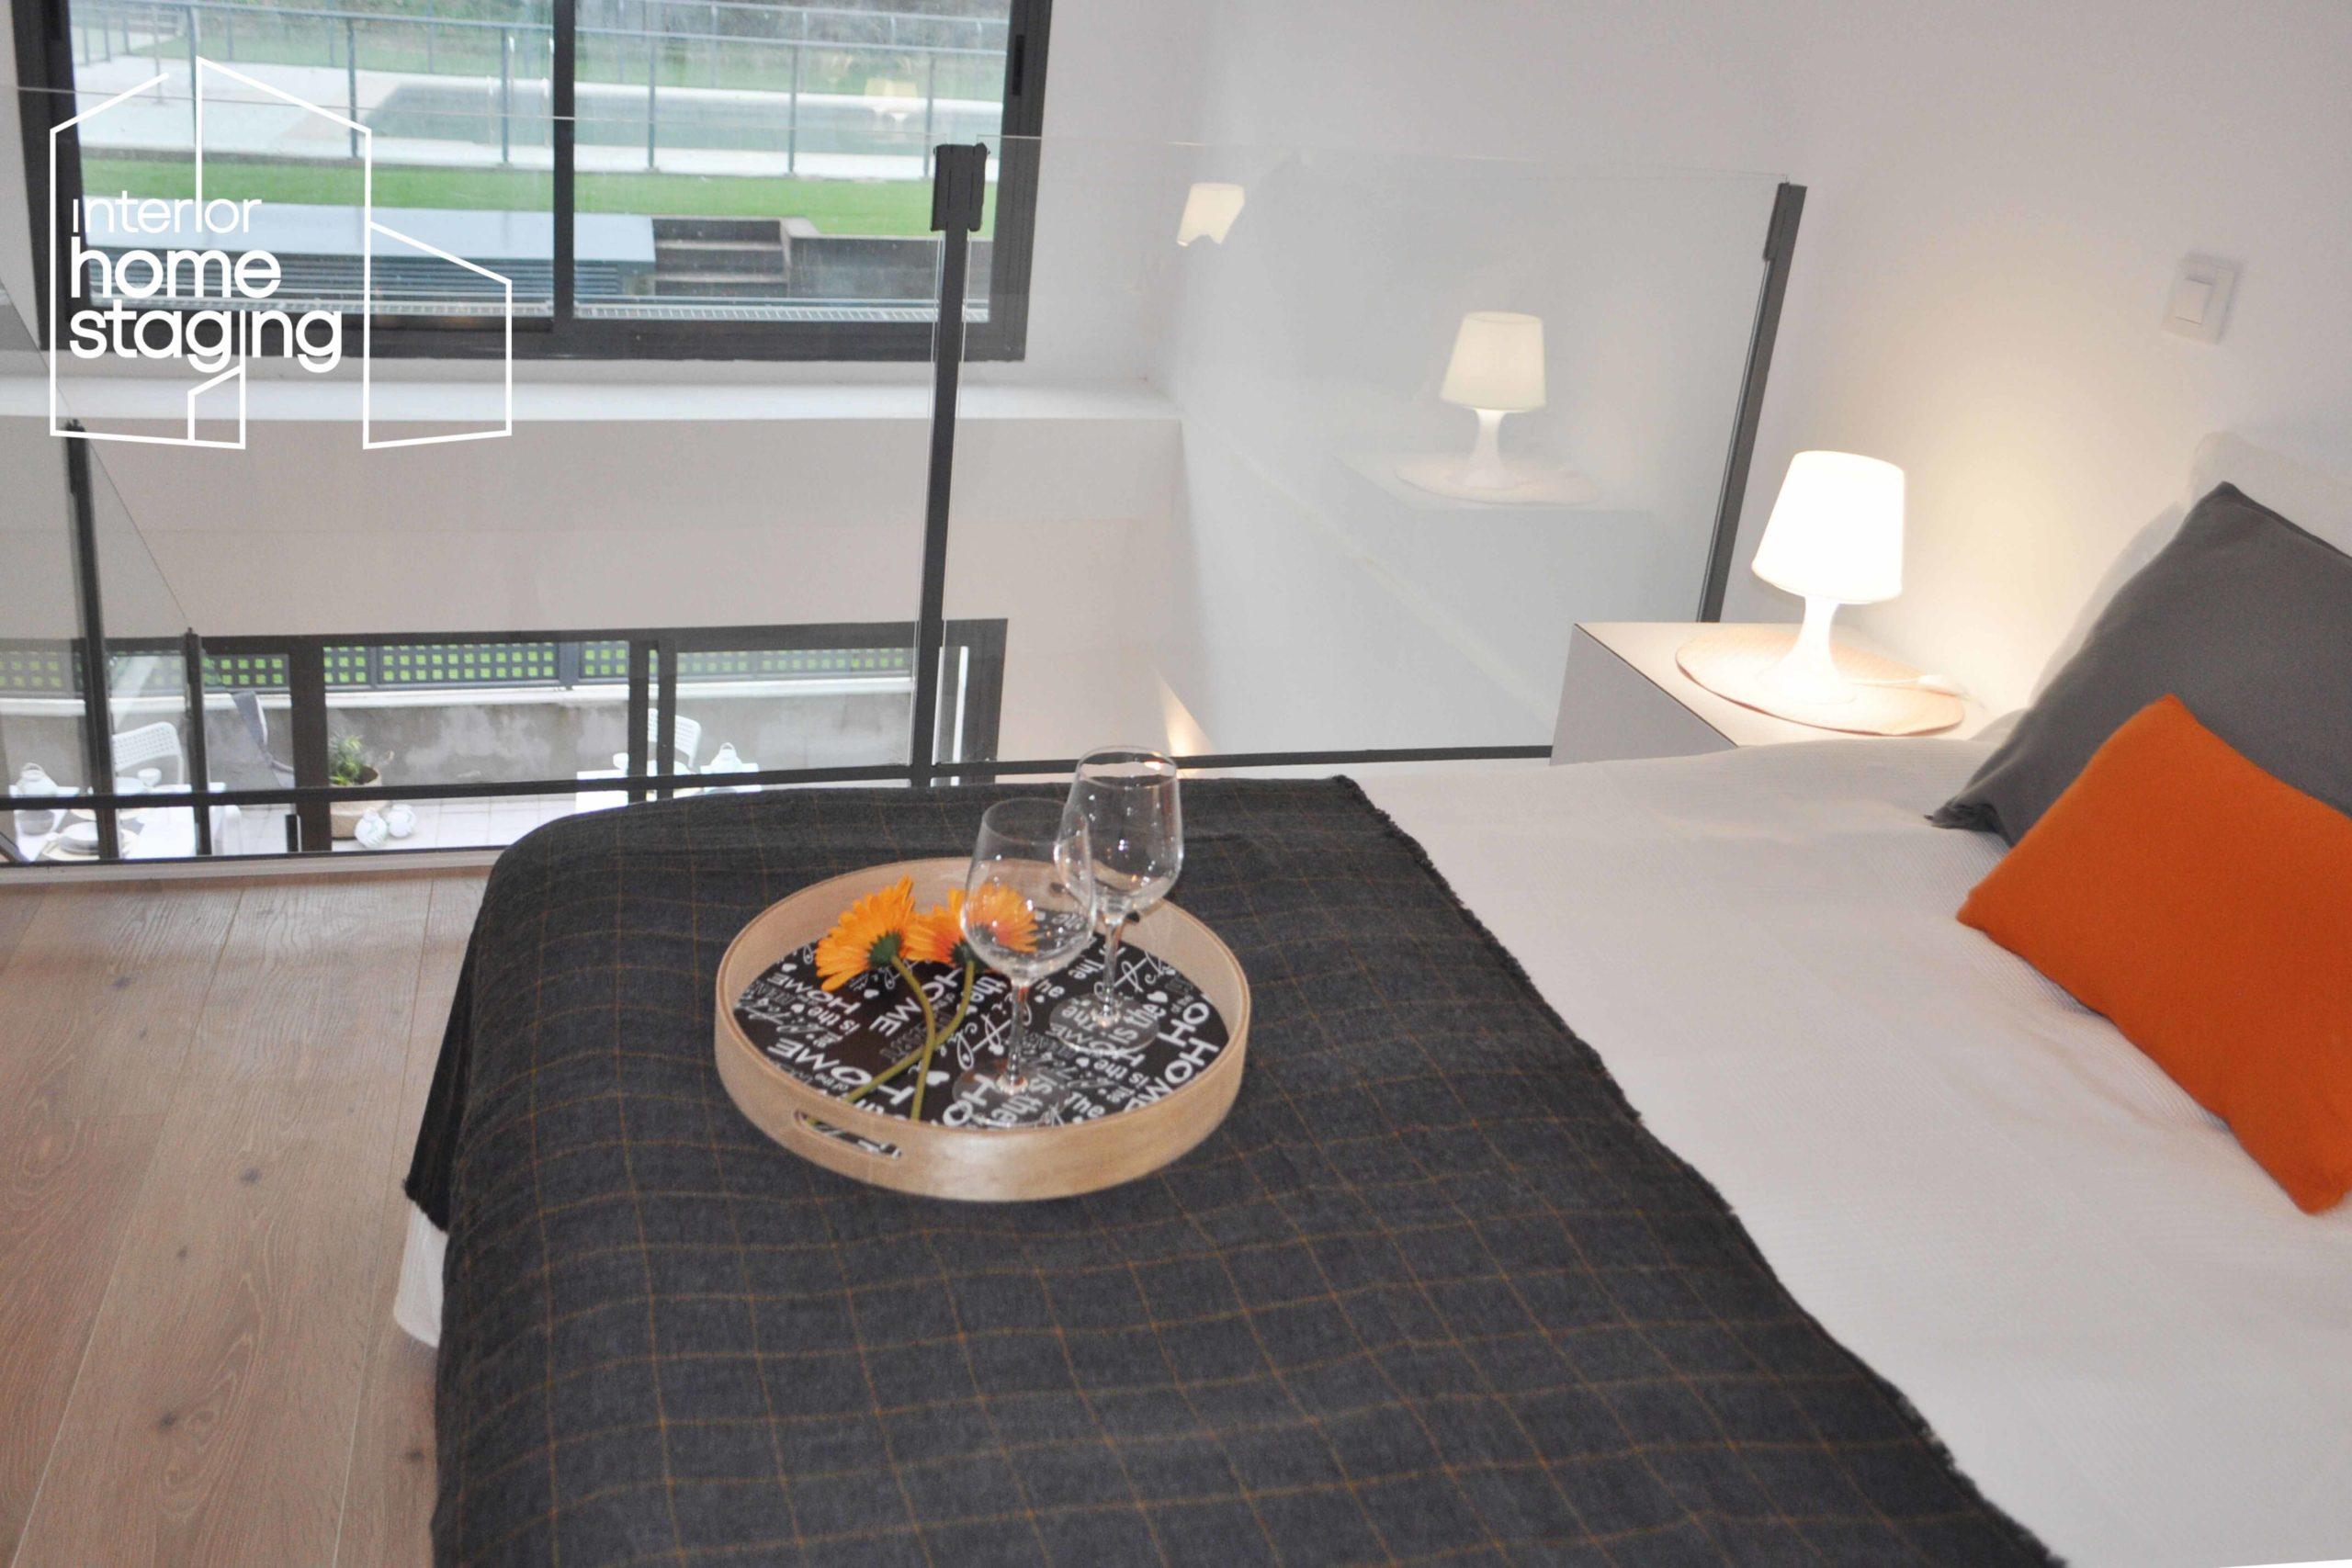 Preparar dormitorio casa de alquiler Madrid